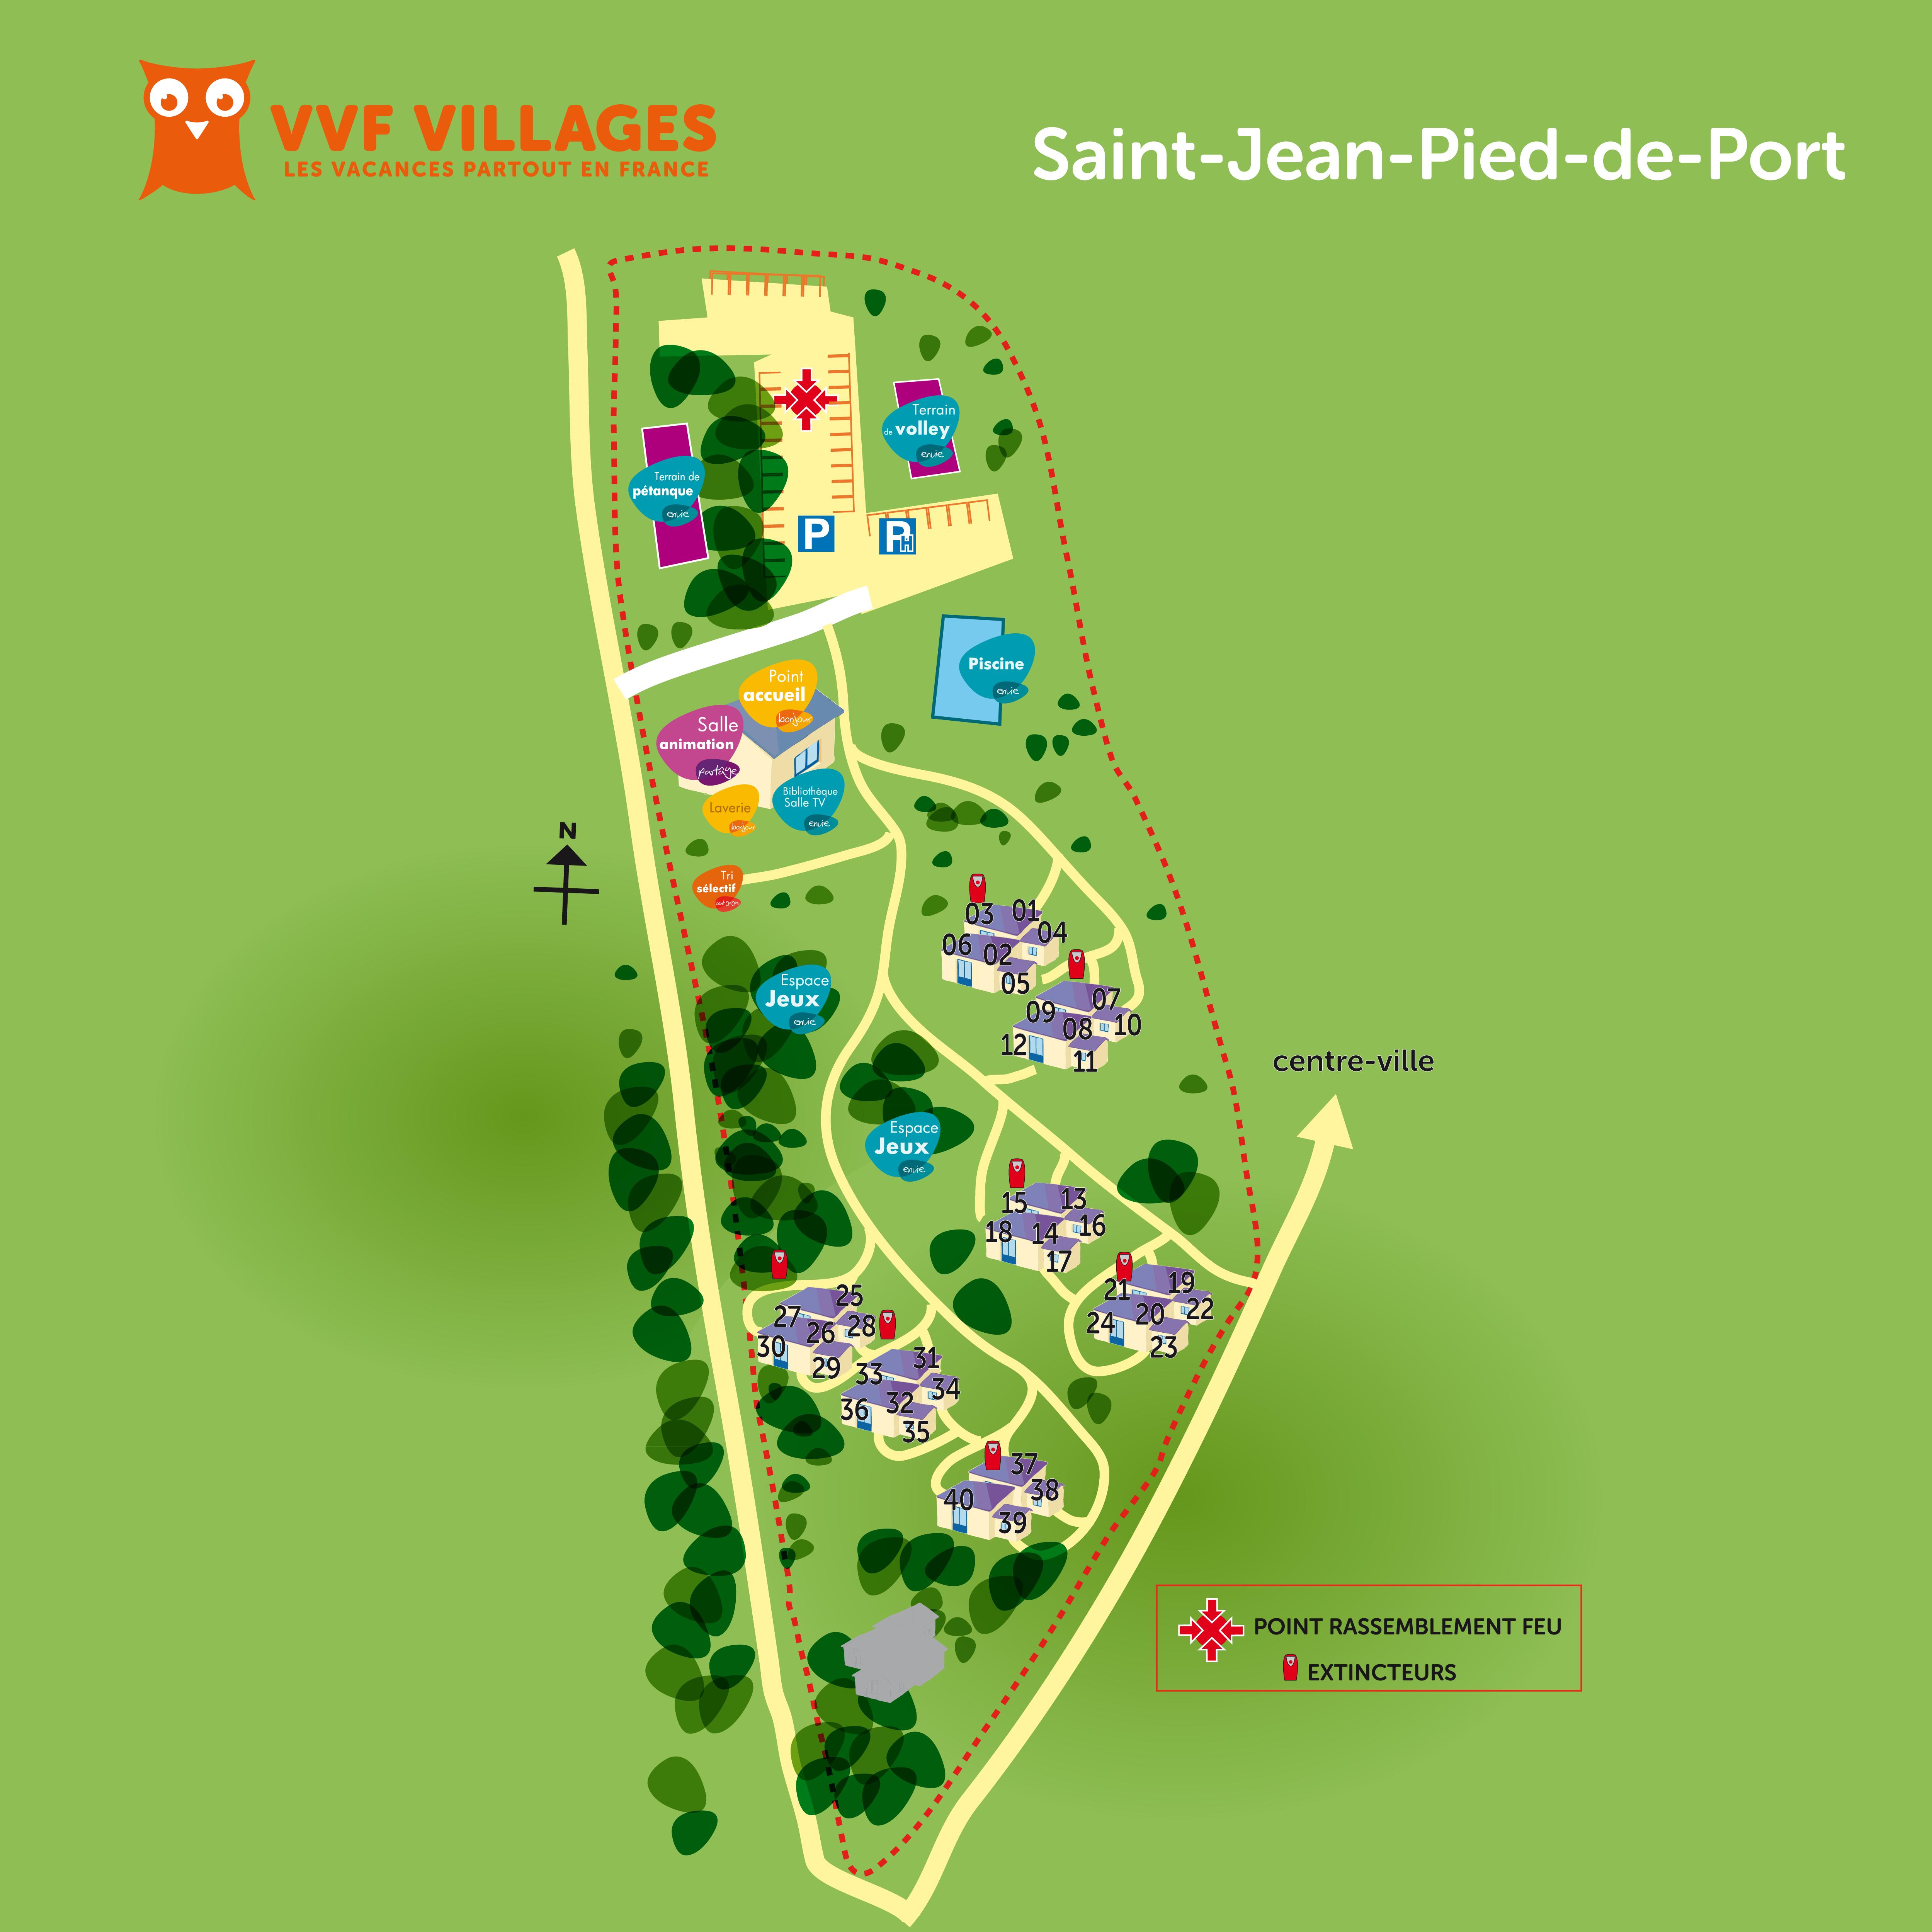 plan du village de saint jean pied de port